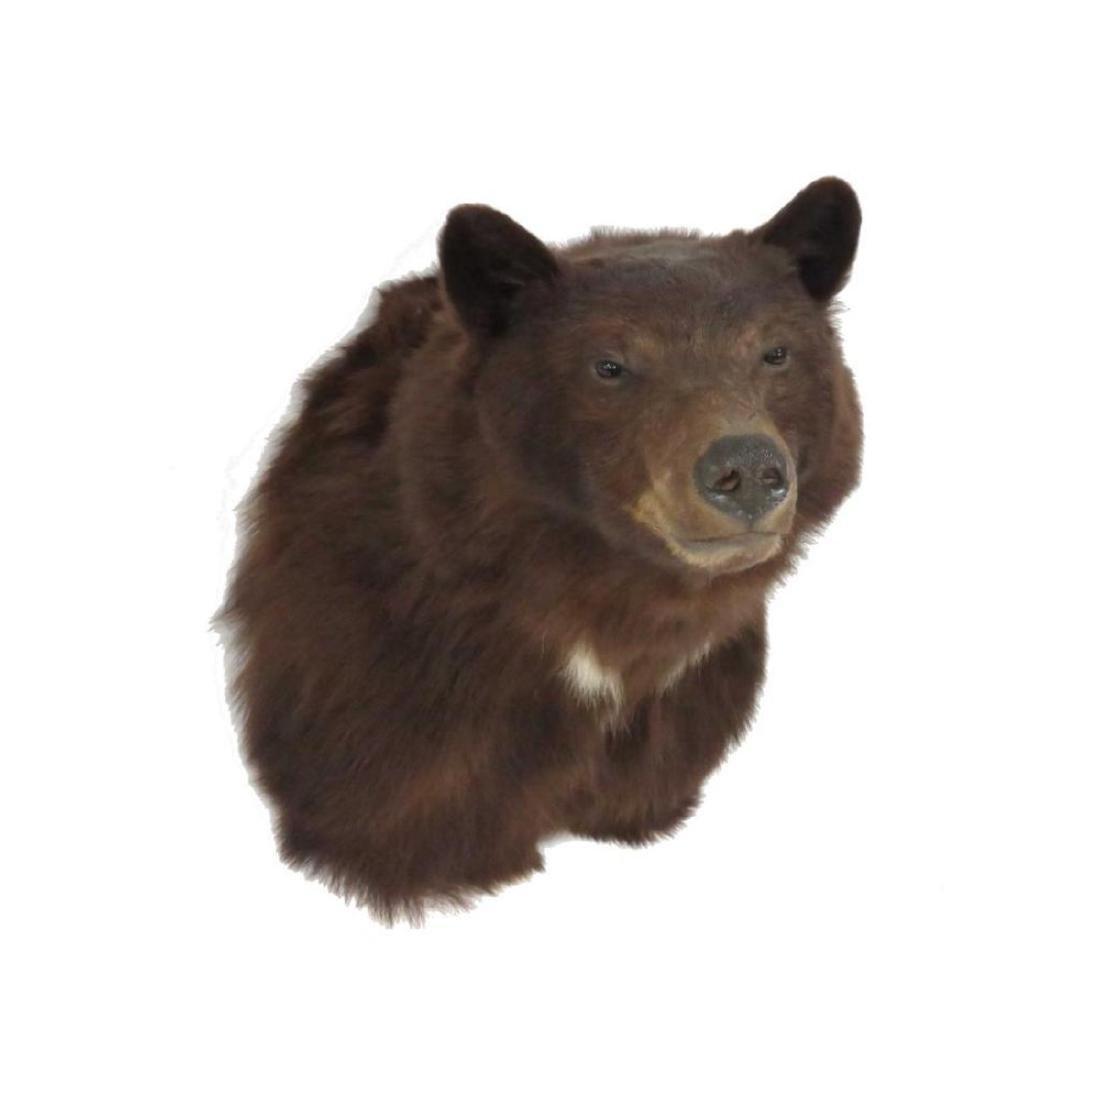 Brown Bear Shoulder Trophy Mount - 2